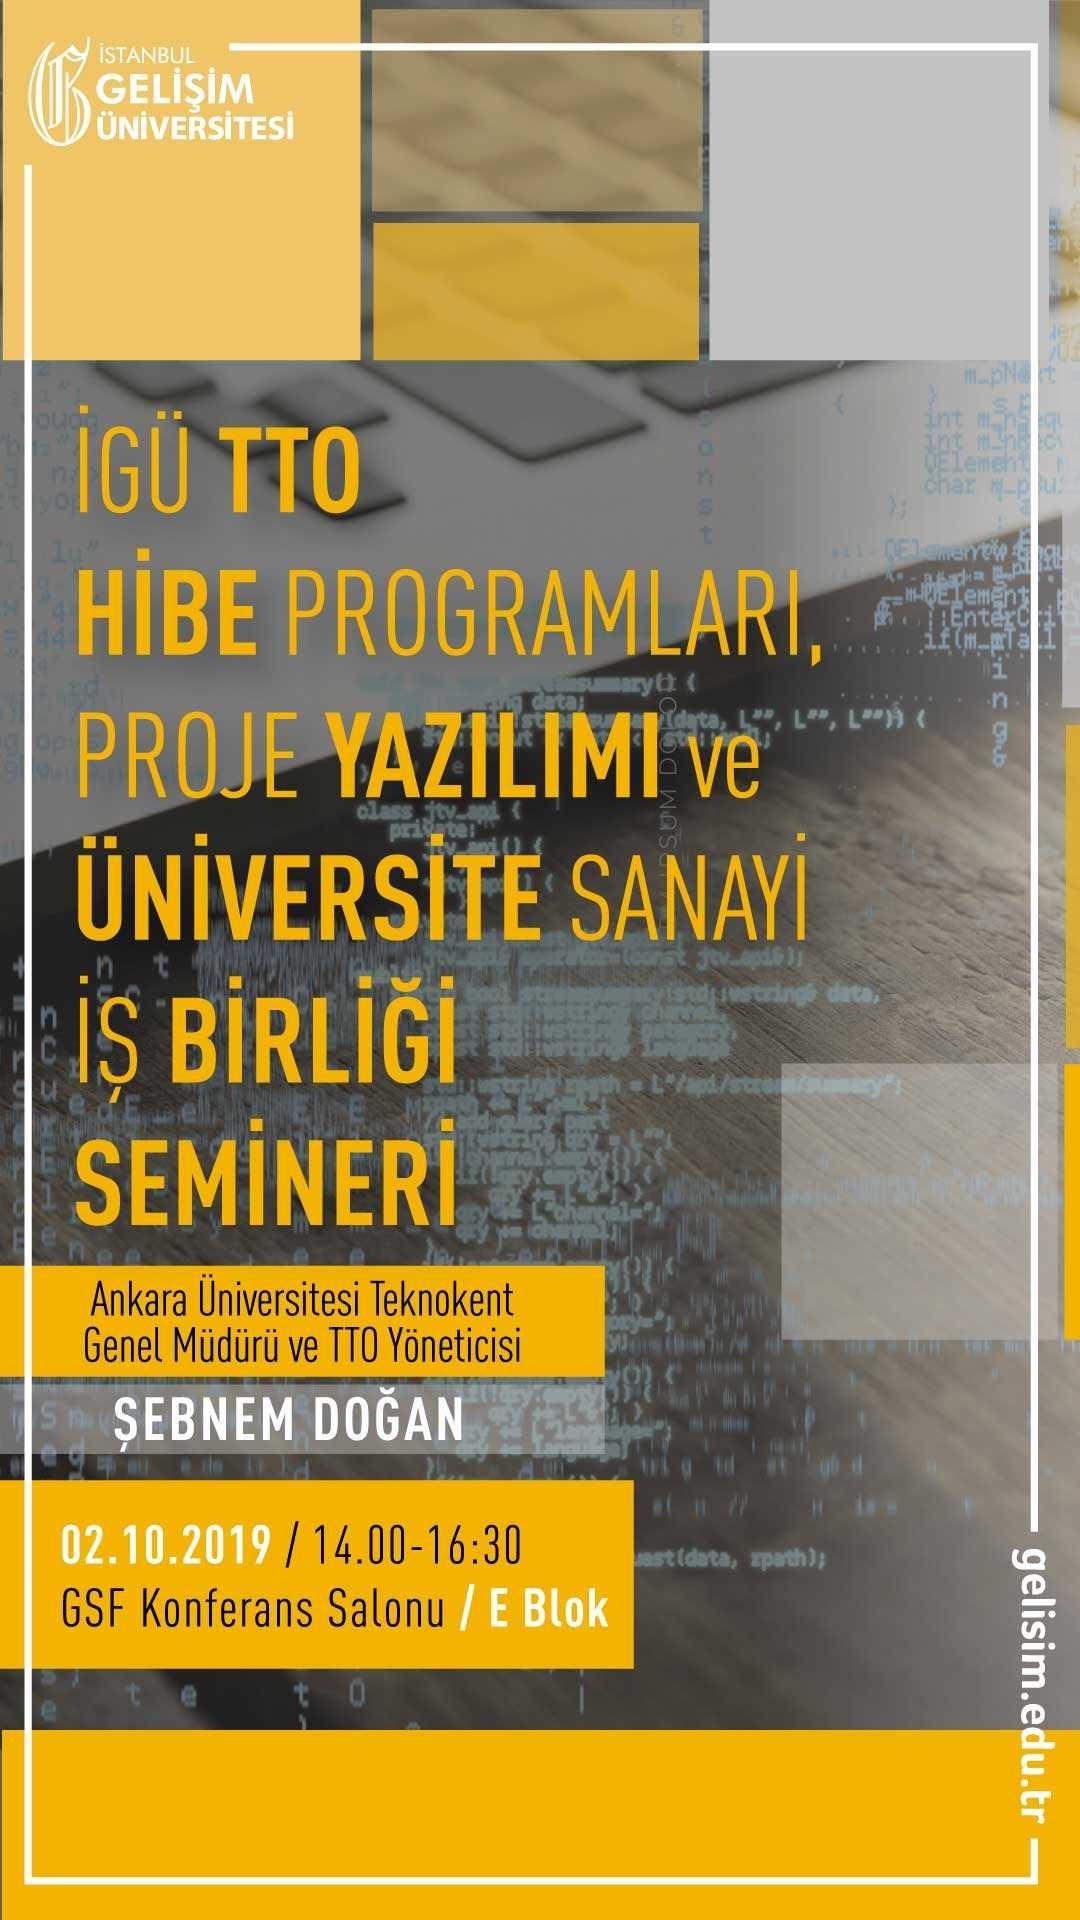 İGÜ TTO Hibe Programları Proje Yazılımı ve Üniversite Sanayi İş Birliği Semineri